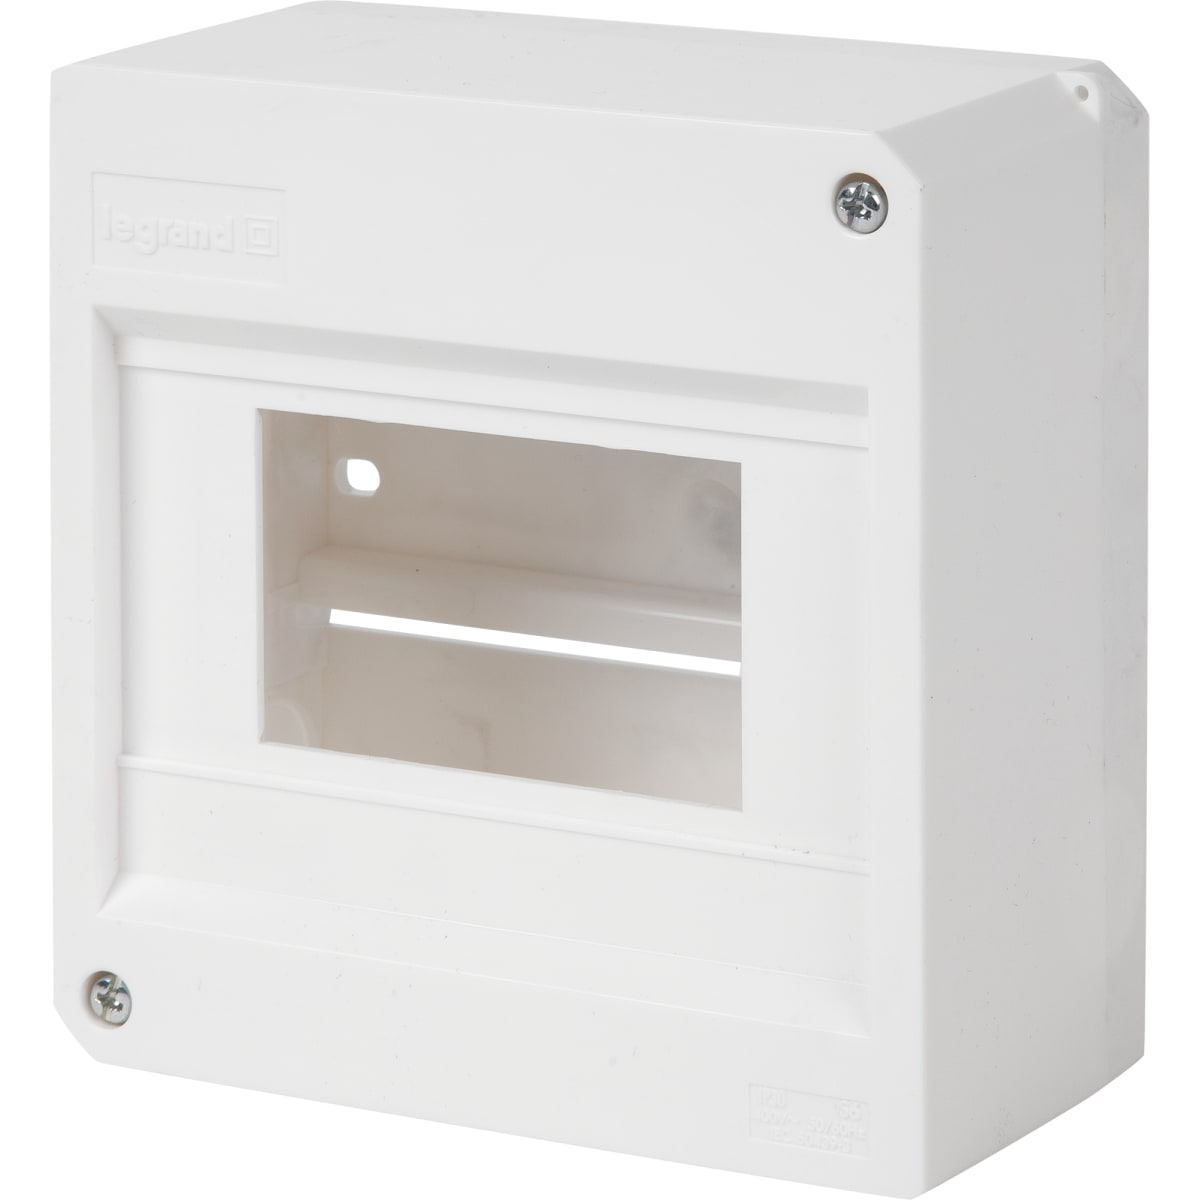 Шкаф-минибокс Legrand на 6 модулей